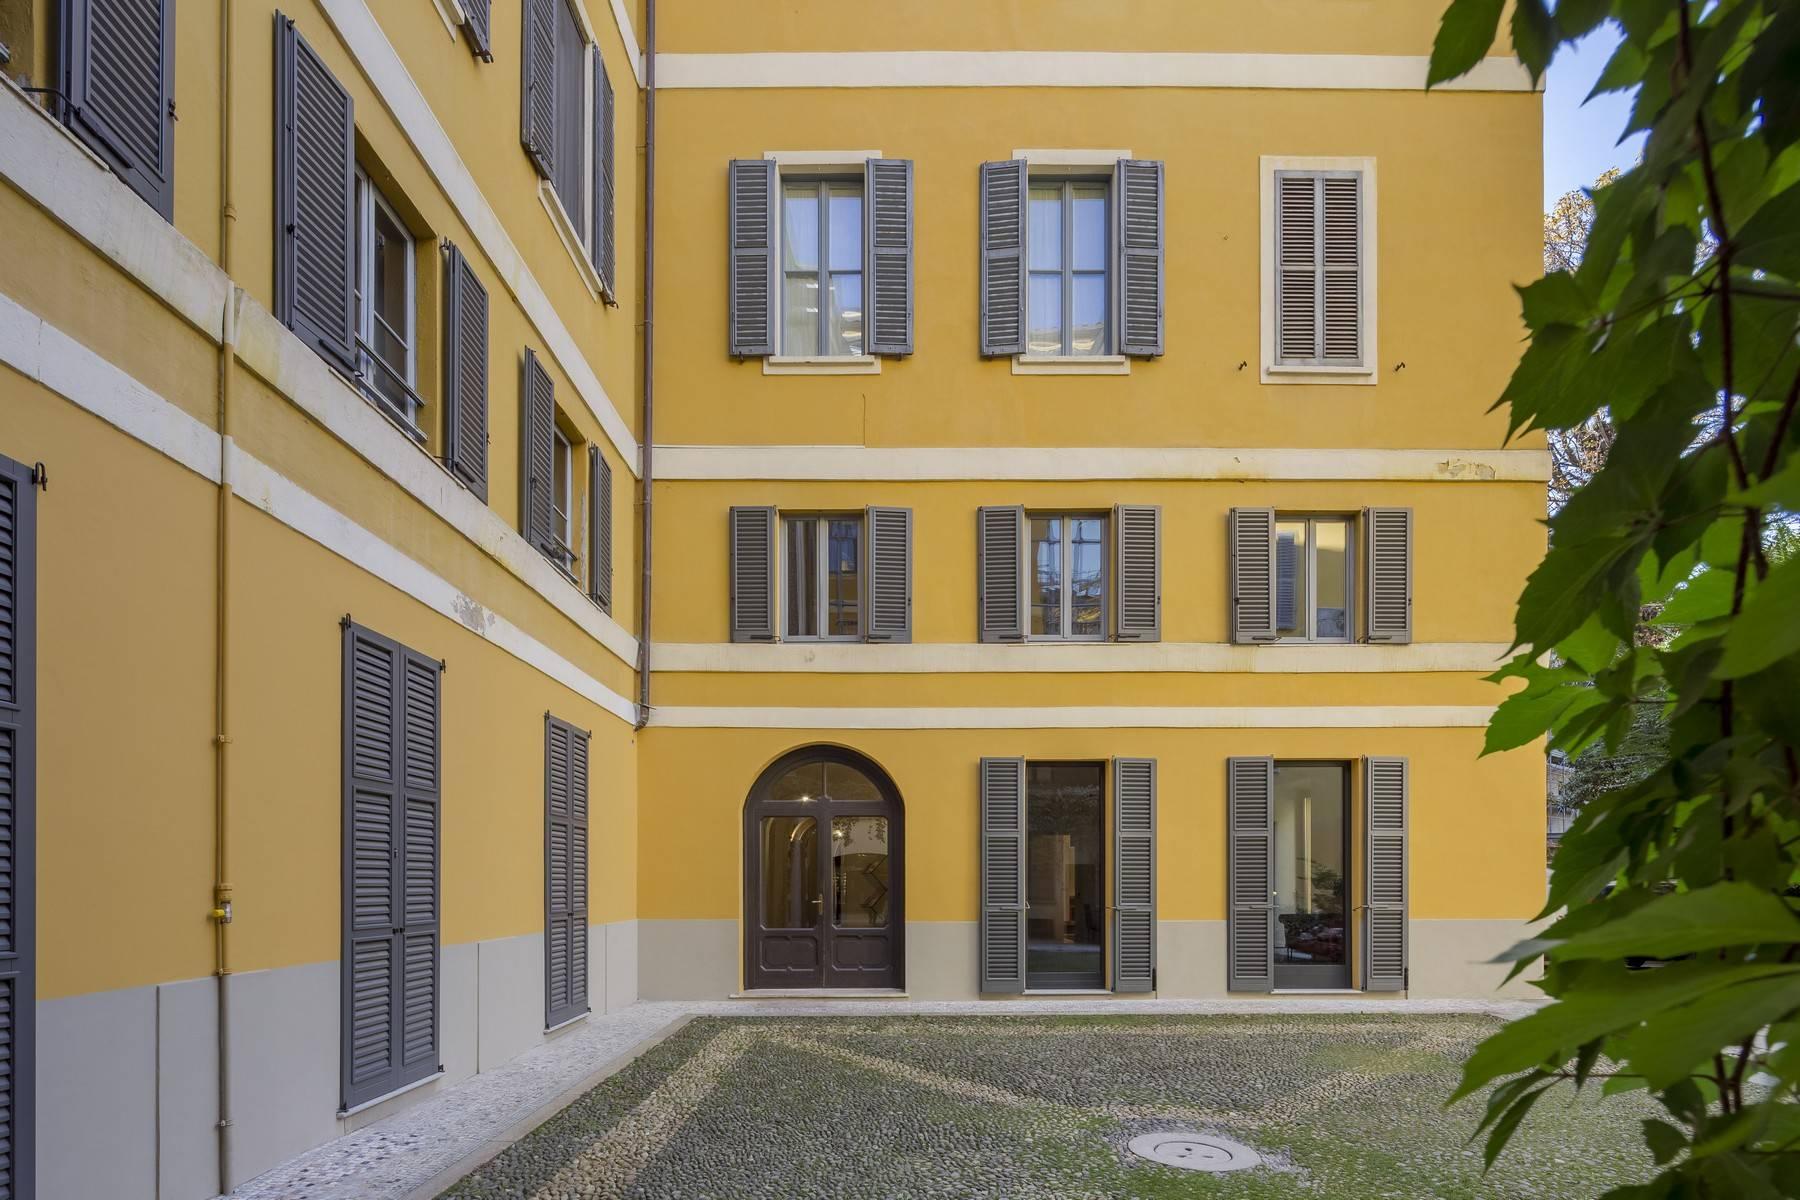 Negozio-locale in Affitto a Milano: 2 locali, 100 mq - Foto 23